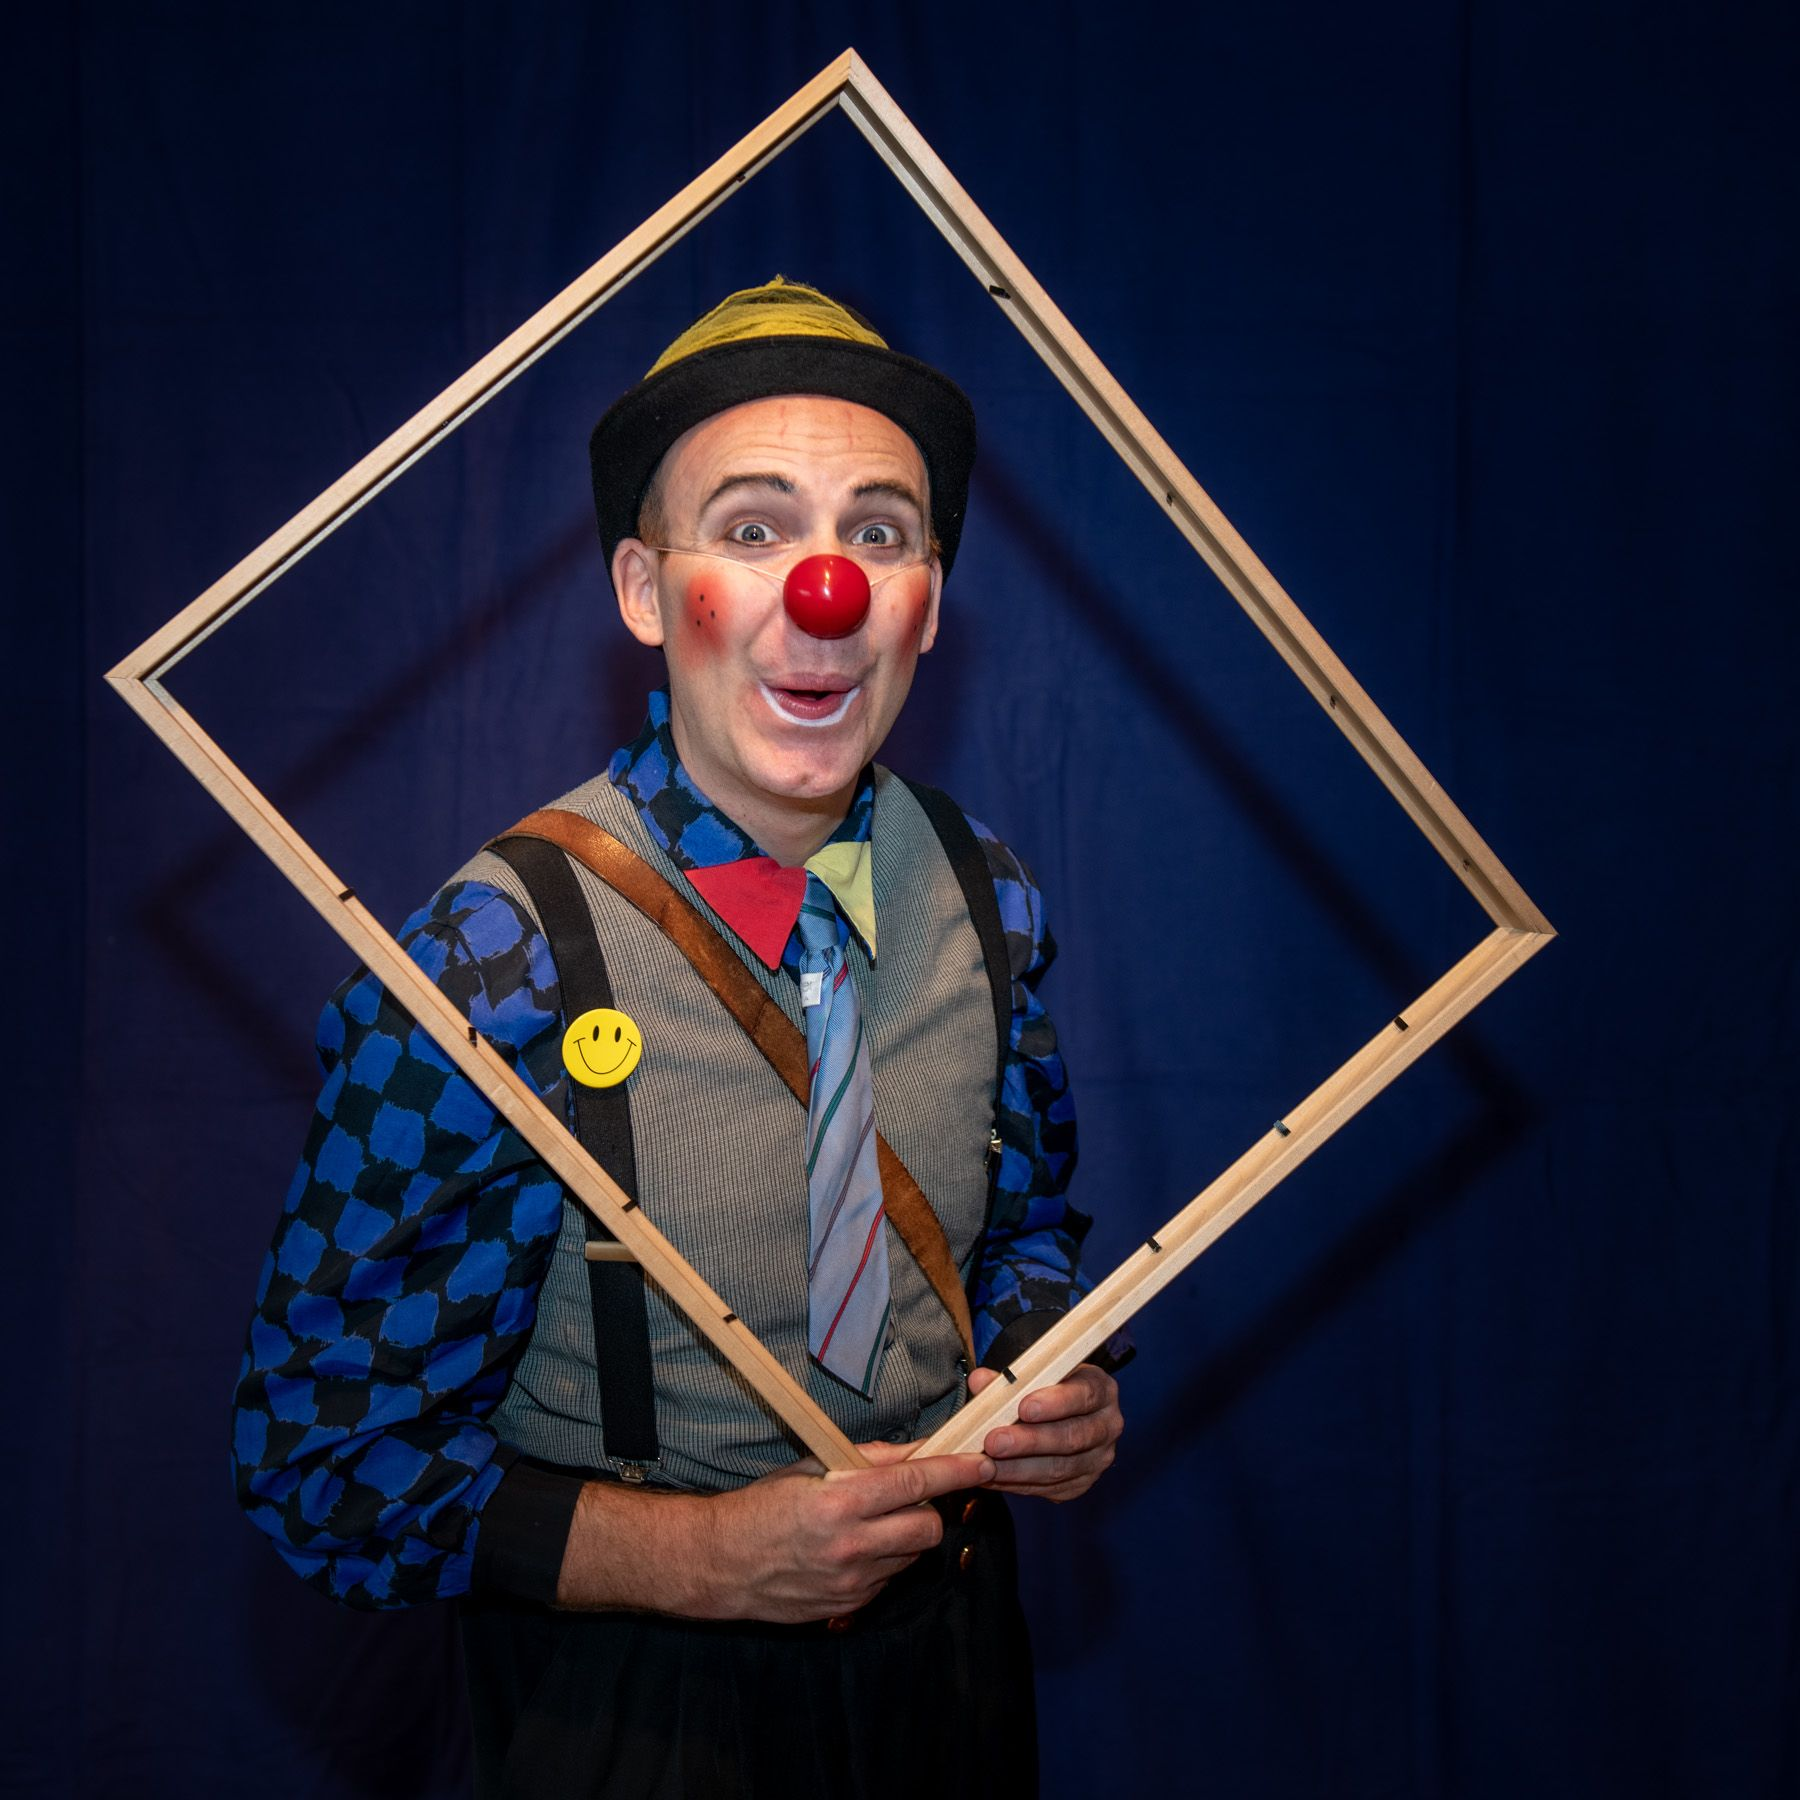 Clown CLOWNS für jung und alt Buchen Sie urkomische Clowns für Ihren Event! Große Ereignisse oder kleine feine Feste, unsere Clowns verleihen Ihrer privaten Veranstaltung (Kindergeburtstag, Geburtstag, Hochzeit etc.) ein freundliches und amüsantes Gesicht. Die lustigen Tamala-Clowns begeistern mit ihrer besonderen, emotionalen Spielweise Menschen jeden Alters. Mit nur wenigen Requisiten präsentieren die Clowns Geschichten, die – witzig und turbulent oder leise und poetisch – das Publikum zum Lachen bringen.  Dem Eventveranstalter stehen die professionellen Clowns für unterschiedliche Anlässe zur Verfügung. Ob Firmenevents, Sommerfeste oder Veranstaltungen in Kleinkunstbühnen, Senioreneinrichtungen oder Kliniken – unsere Clowns sind erfahrene Meister in ihrem Fach und faszinieren die Zuschauer.